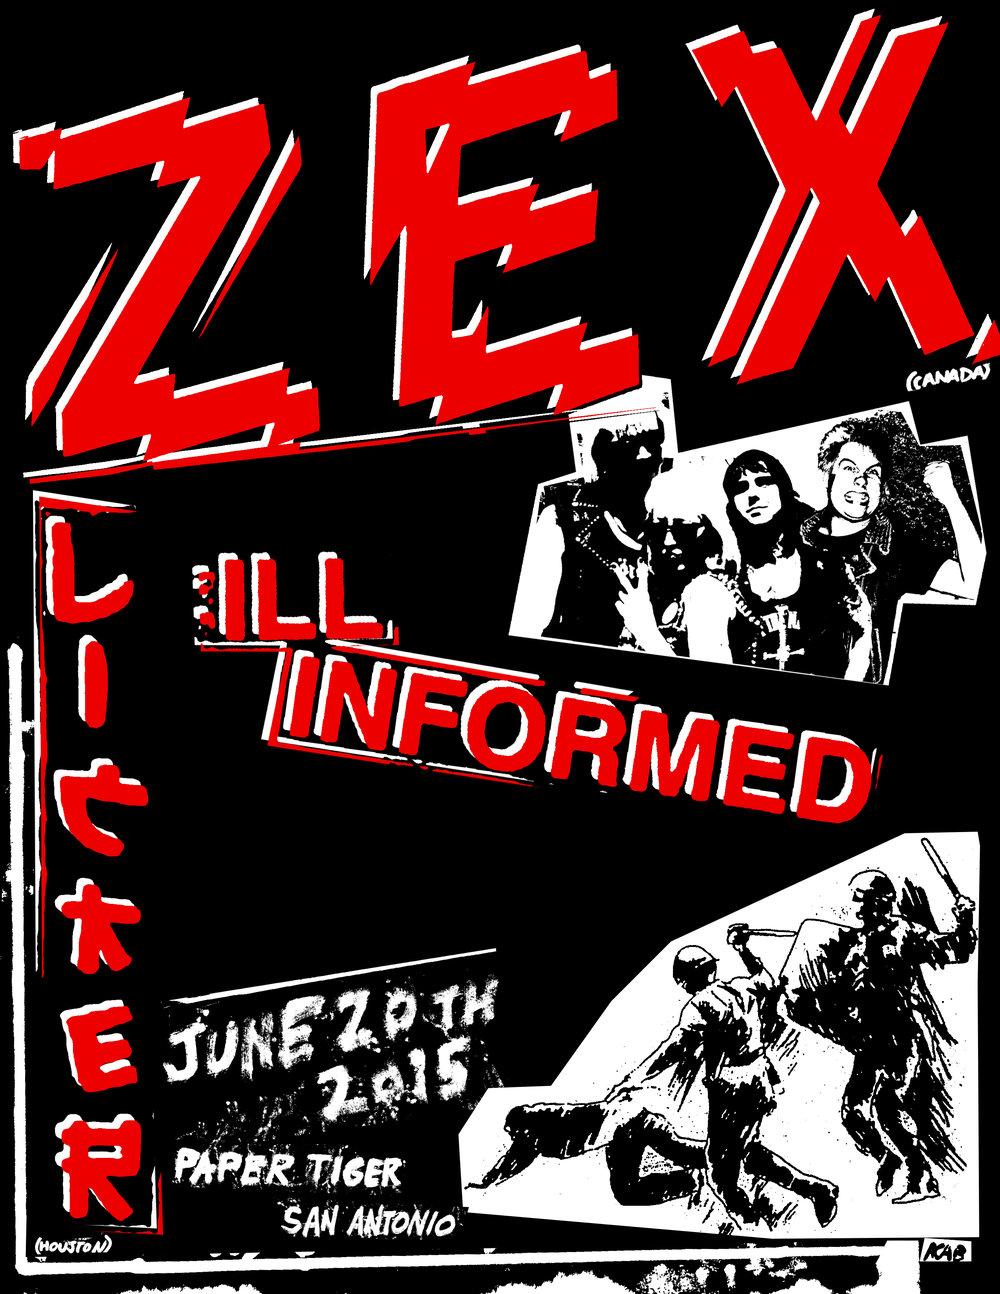 flyer-15.05.20-sanantonio-zex-red.jpg